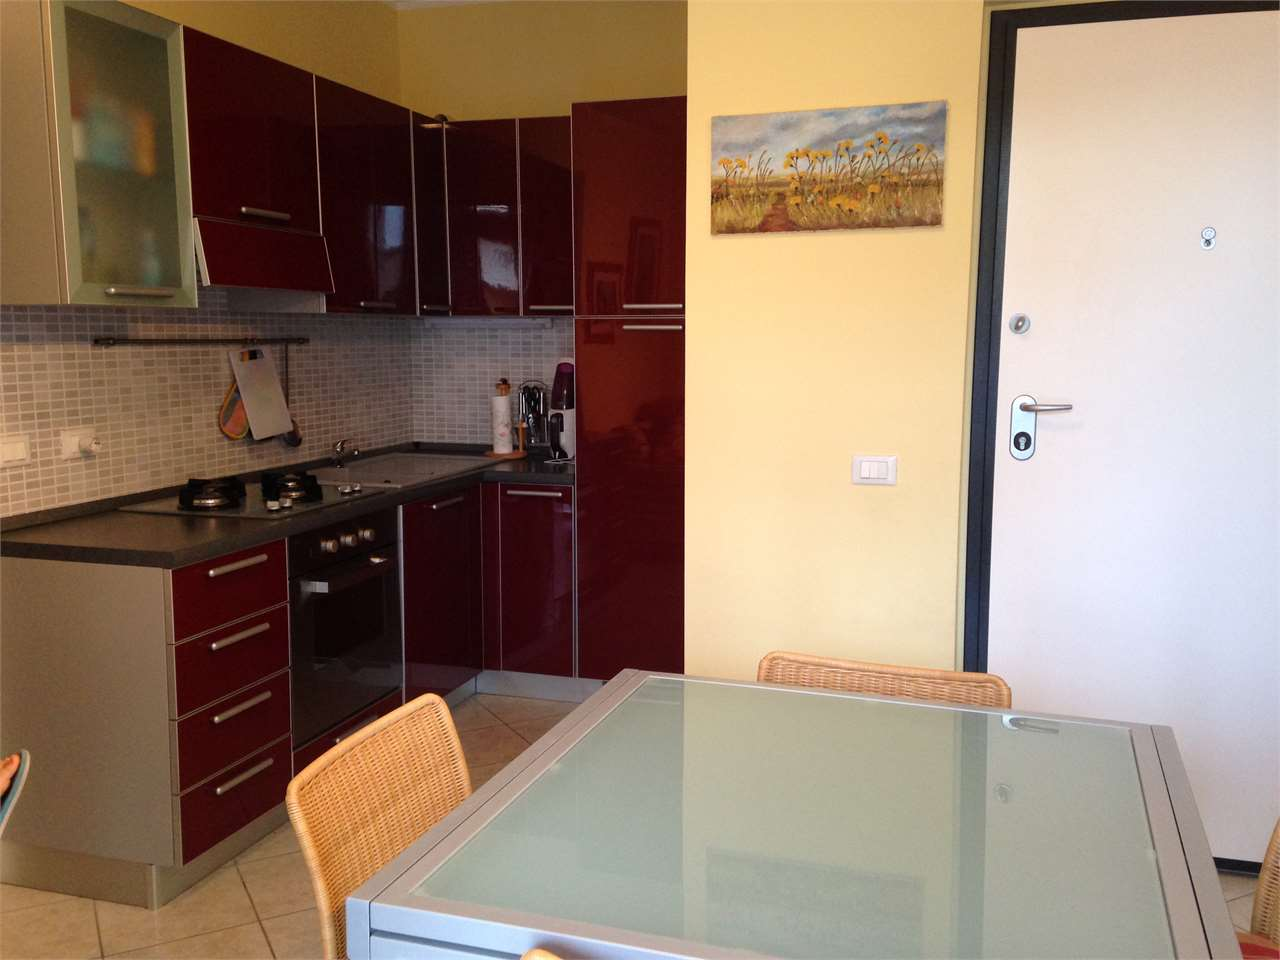 Appartamento in vendita a Loreto, 3 locali, zona Zona: Costabianca e Grotte, Trattative riservate | CambioCasa.it